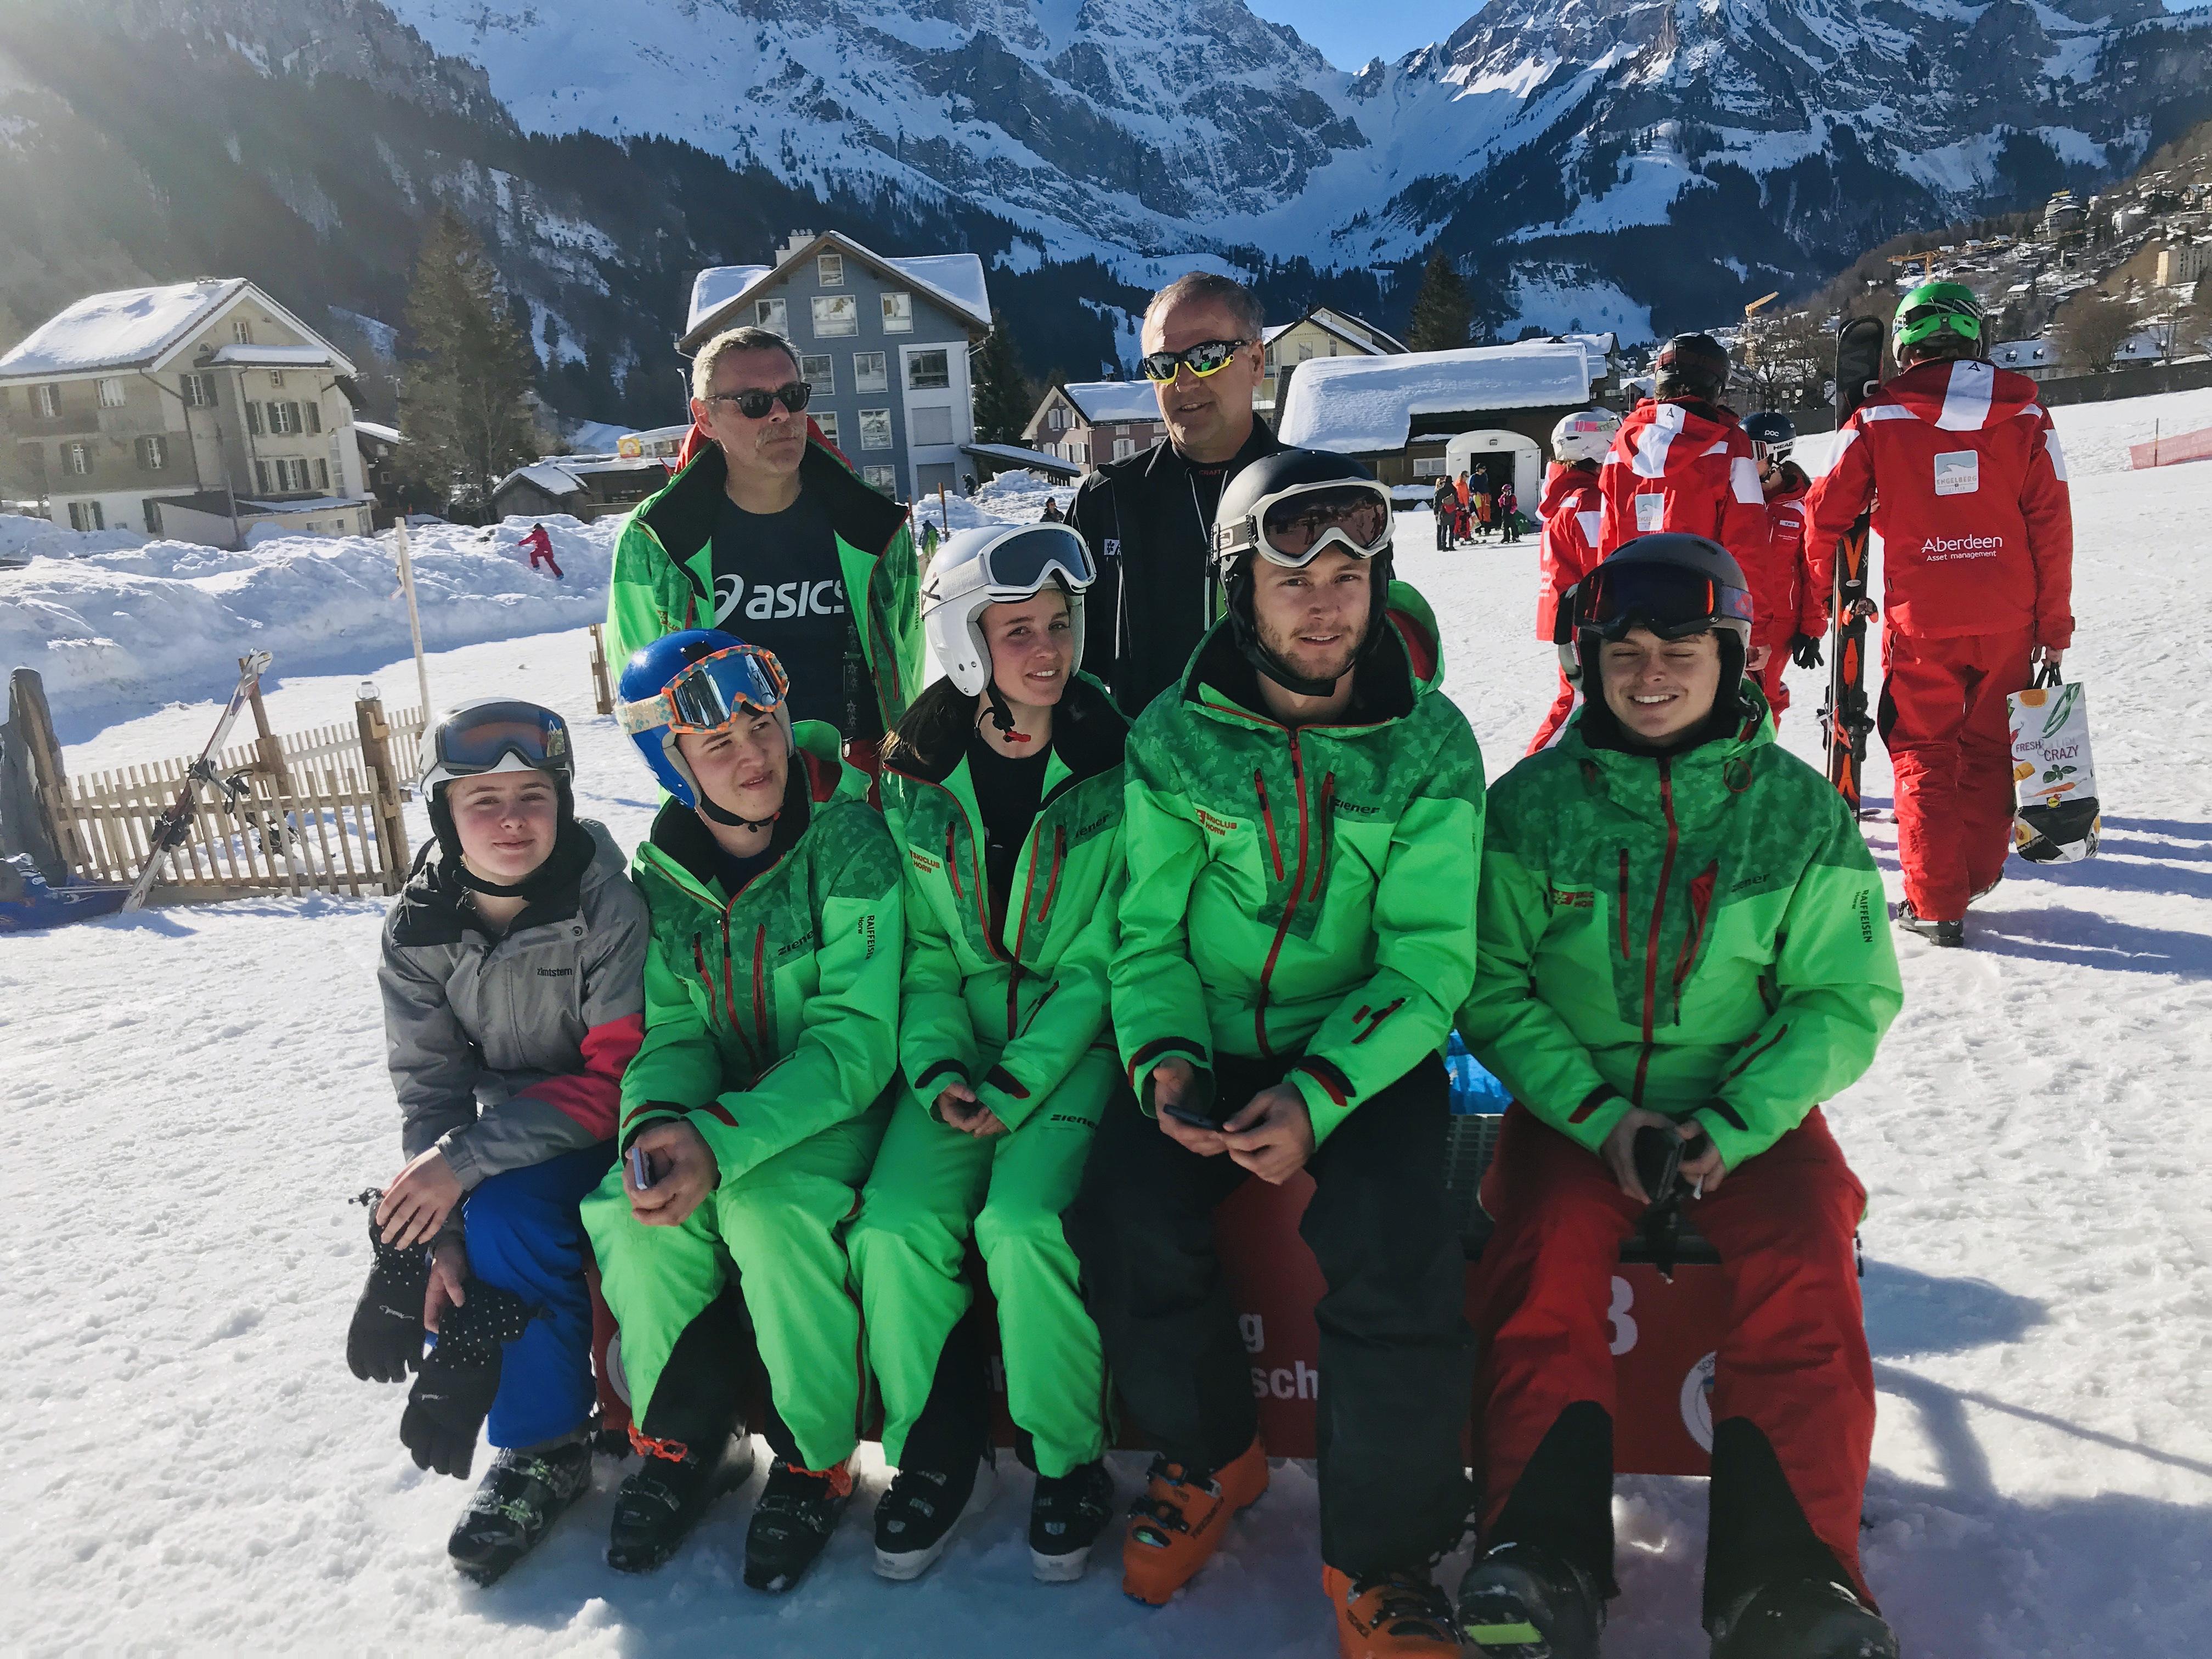 2019.02.17 - 5. Schneehasentag mit Rennen - Engelberg/Brunni